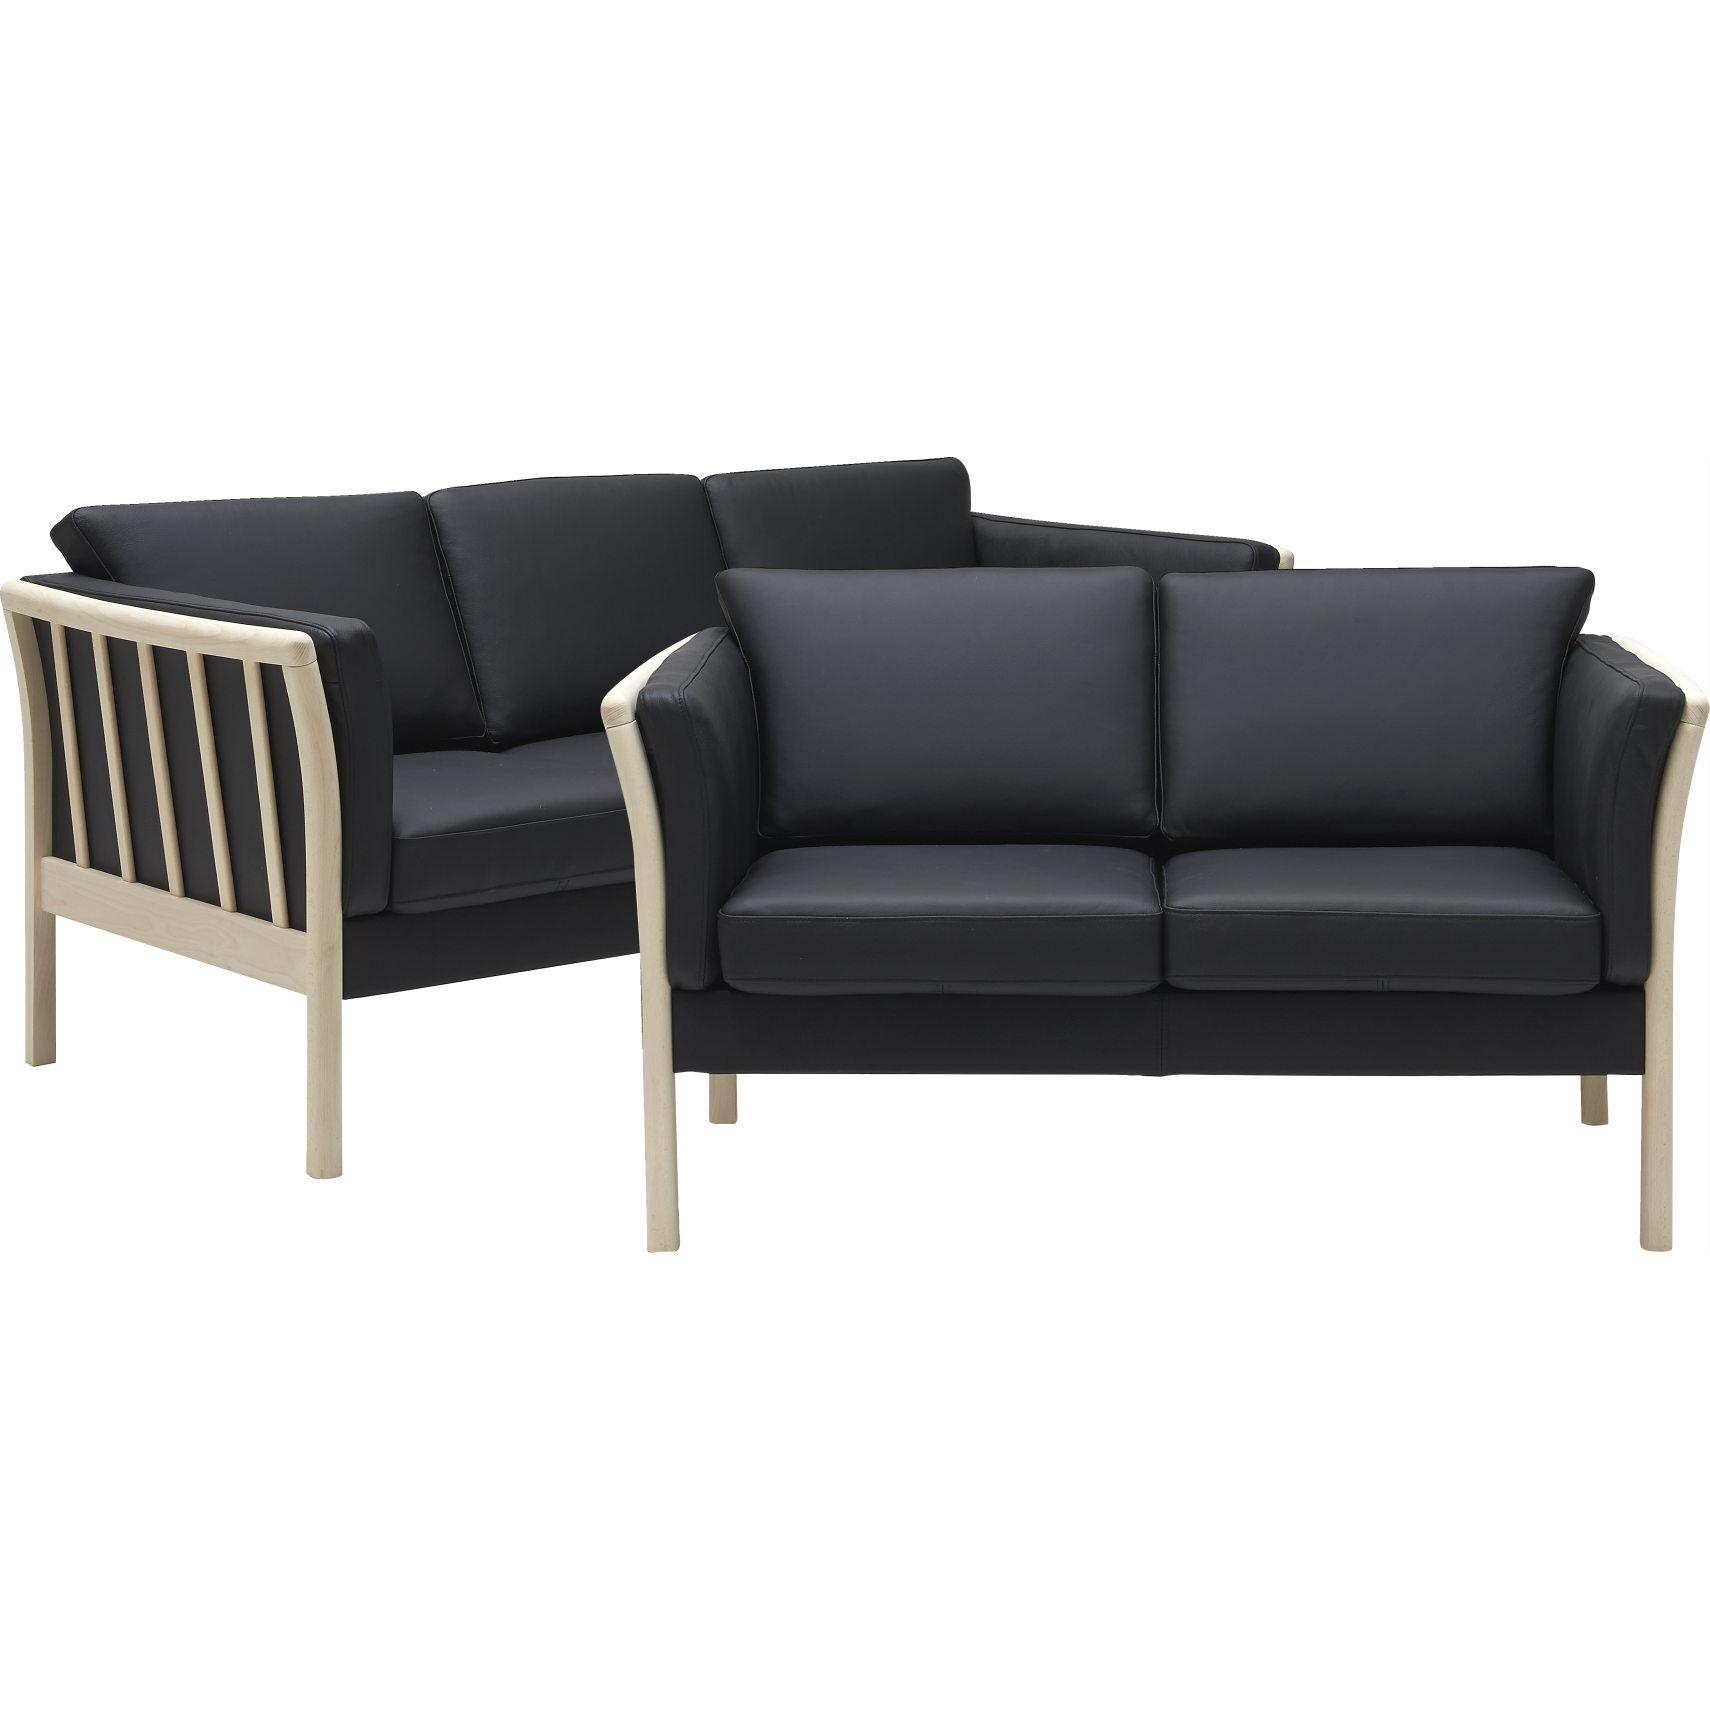 Big Sofa Kunstleder Bezug Fur Big Sofa Herrlich Big Sofa Kunstleder